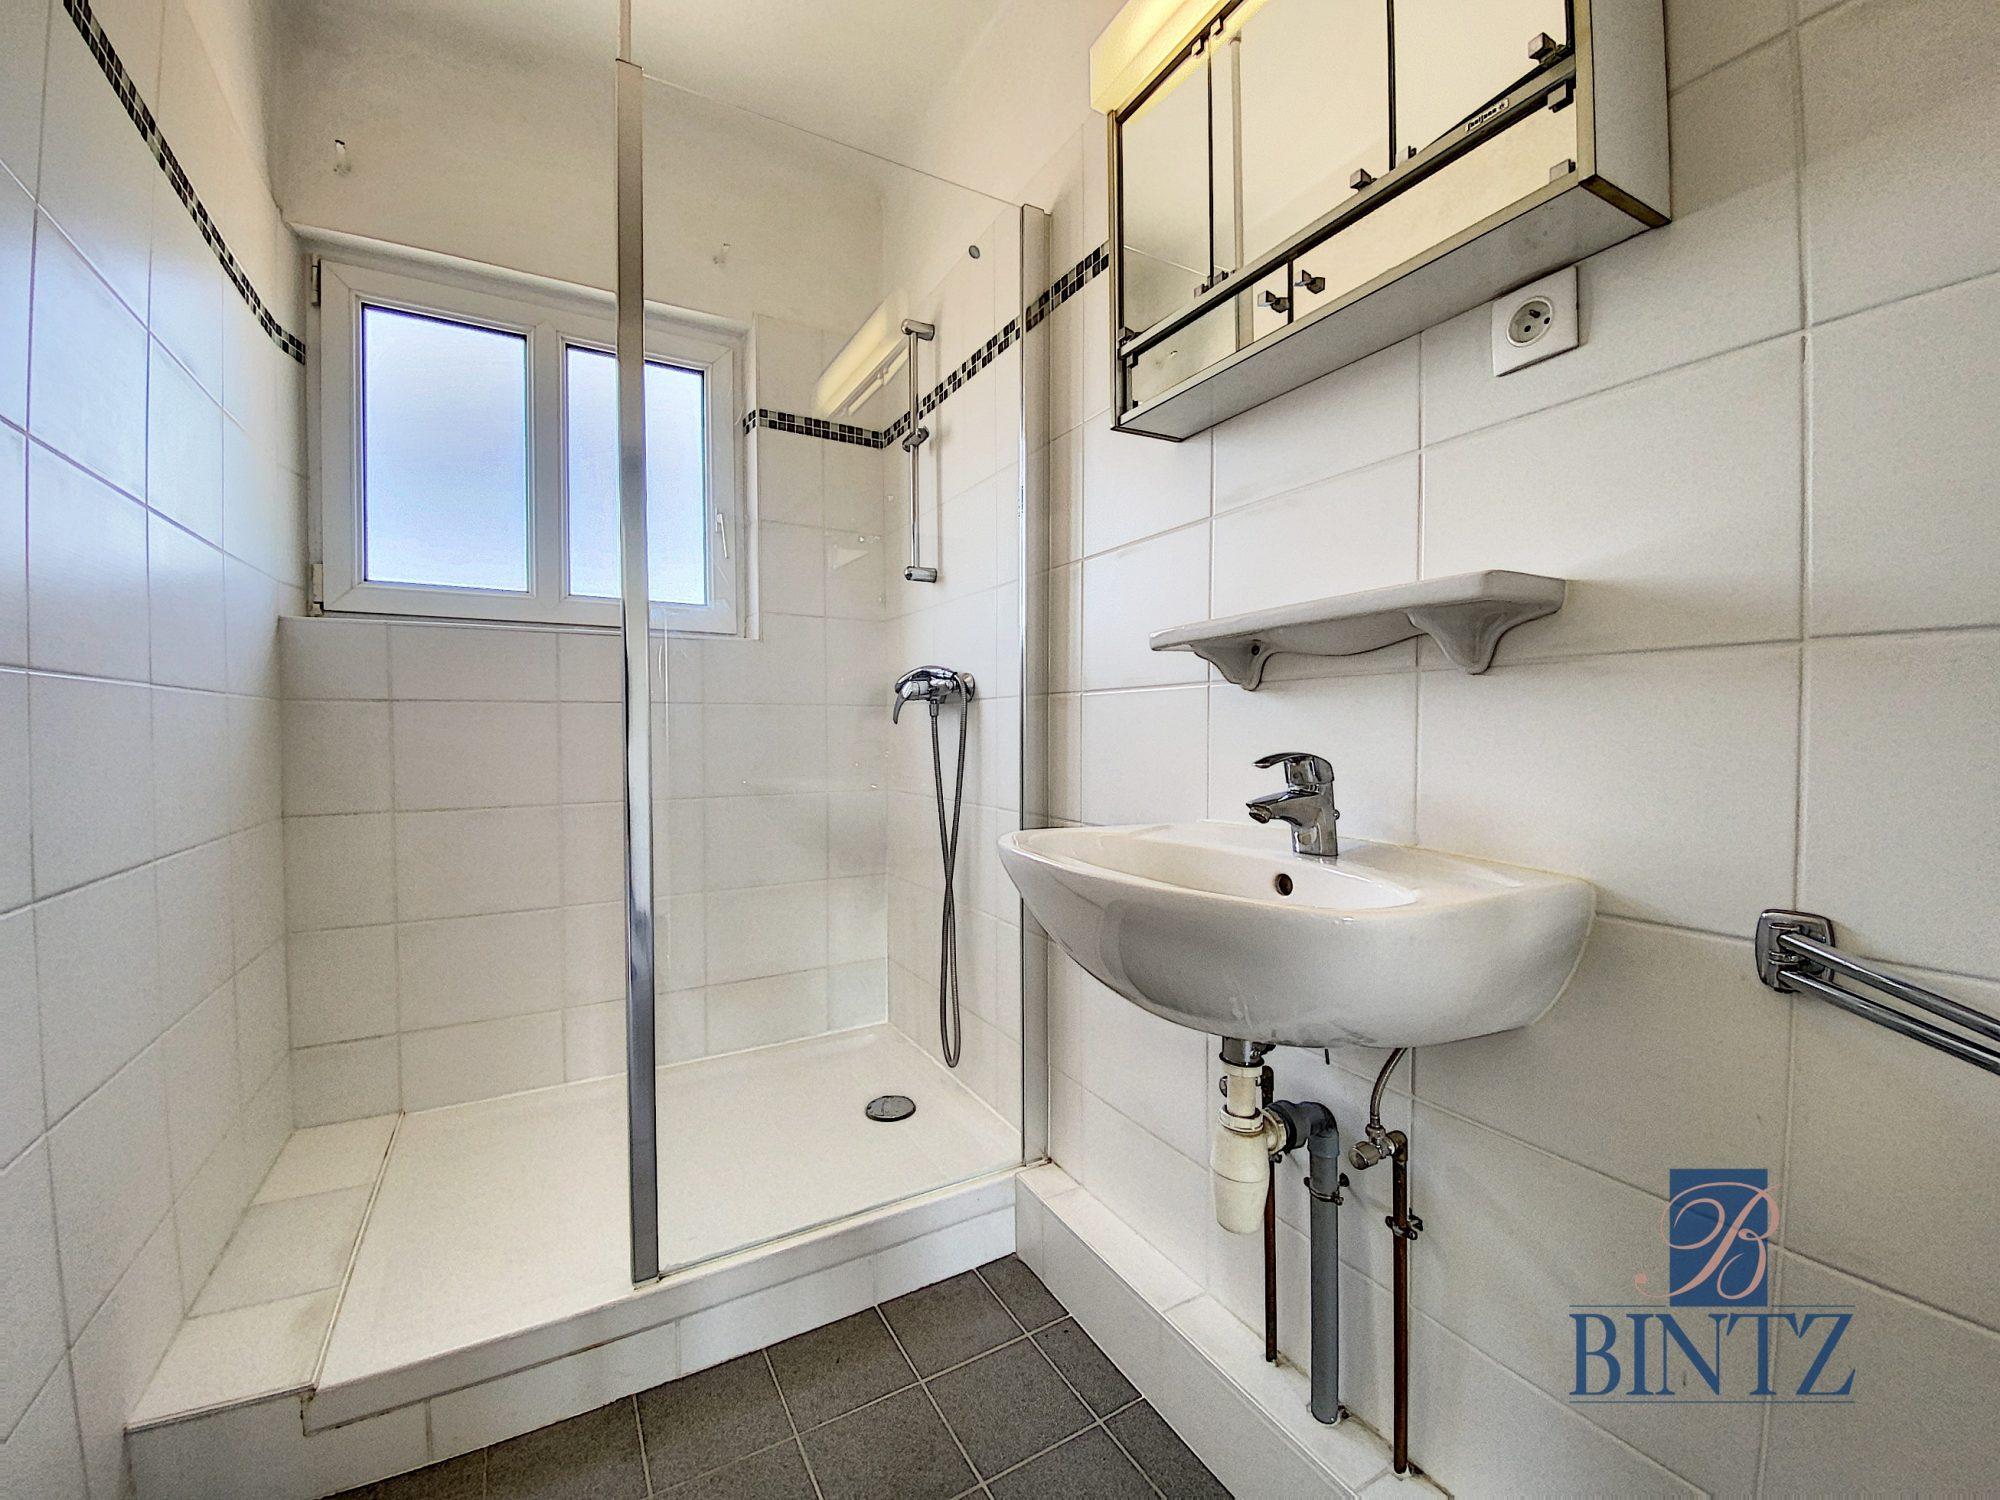 3P MONTAGNE VERTE - Devenez locataire en toute sérénité - Bintz Immobilier - 8